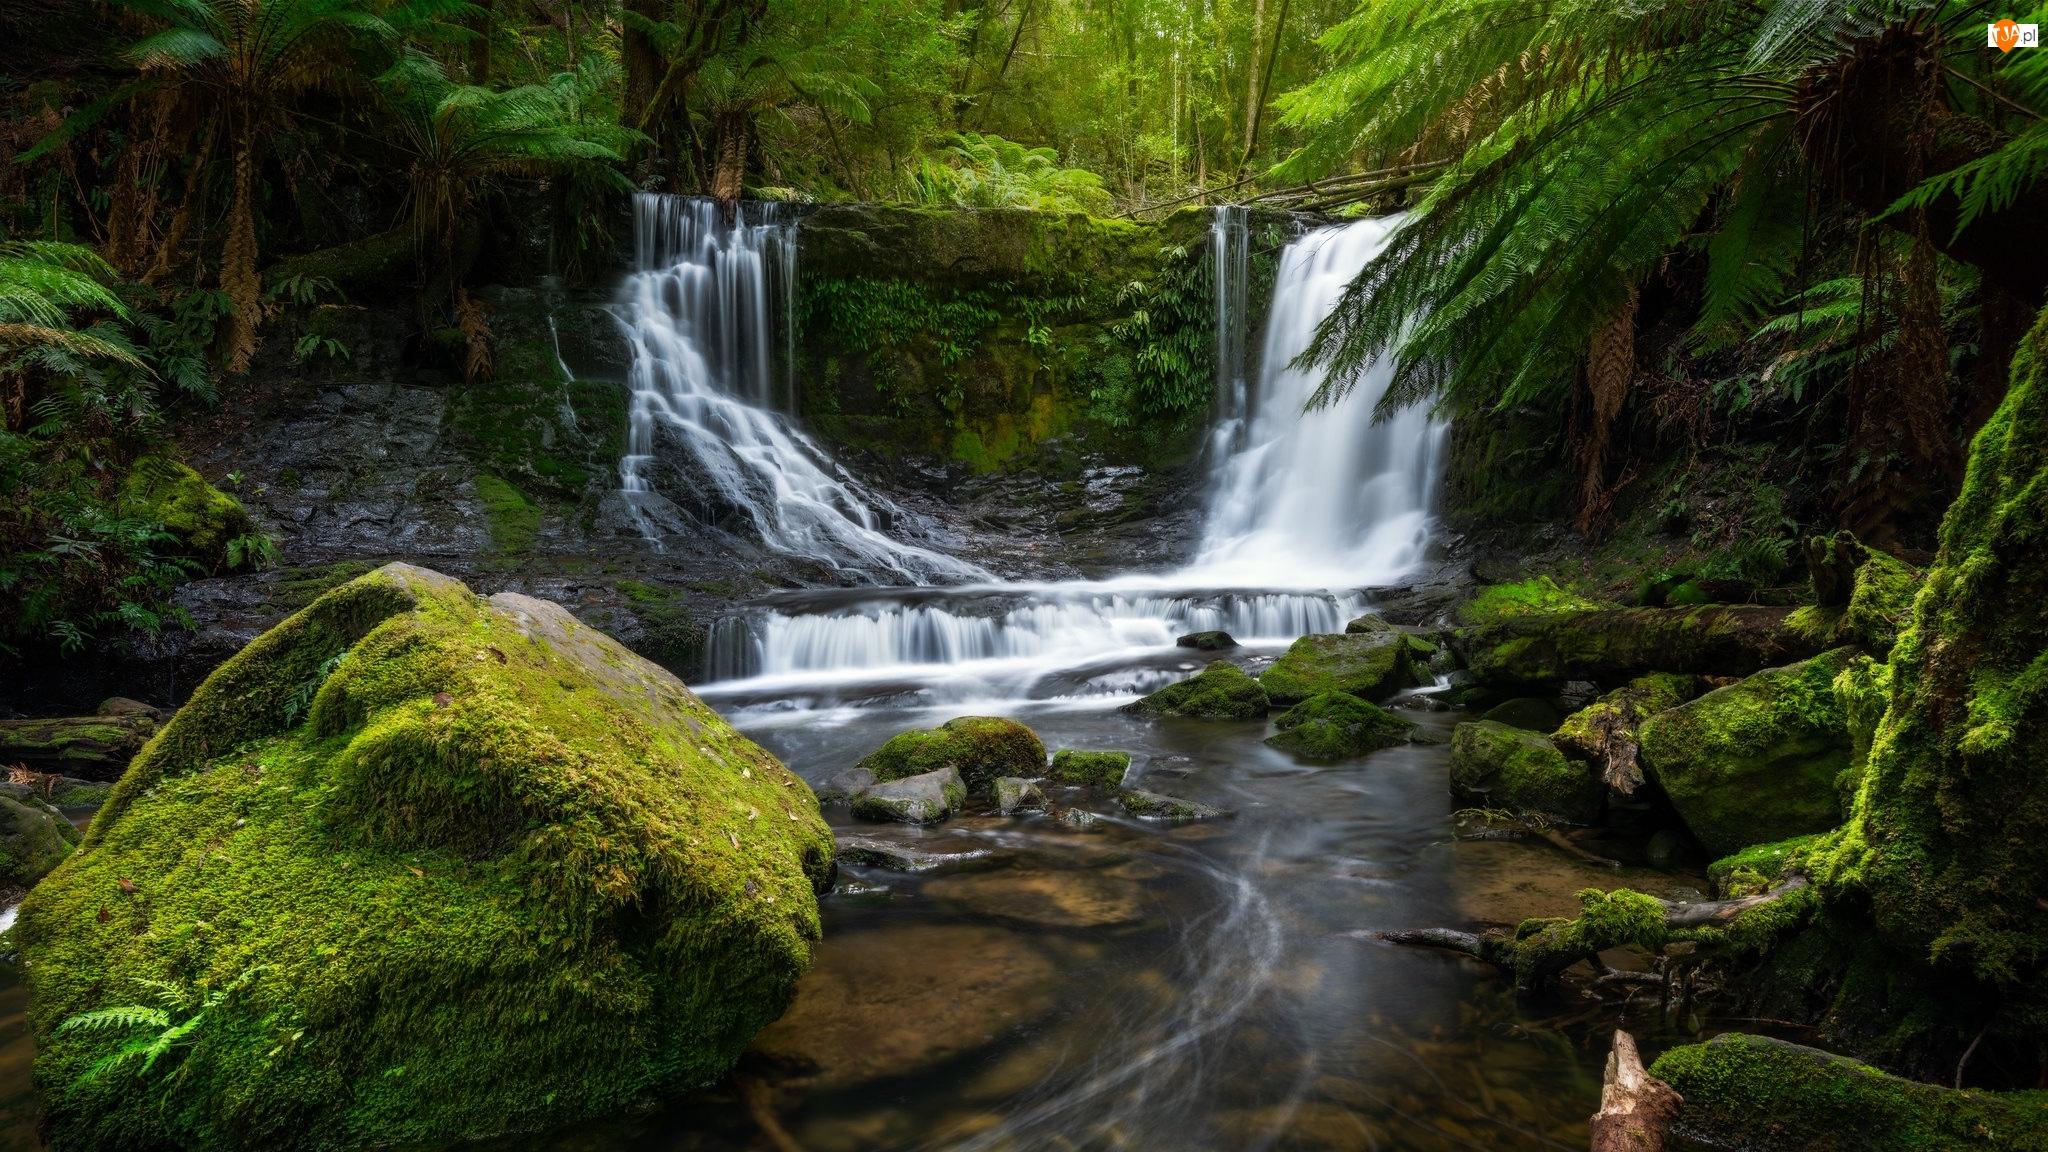 Australia, Rzeka, Park Narodowy Mount Field, Las, Skała, Wodospad Horseshoe Falls, Kamienie, Omszałe, Paprocie, Stan Tasmania